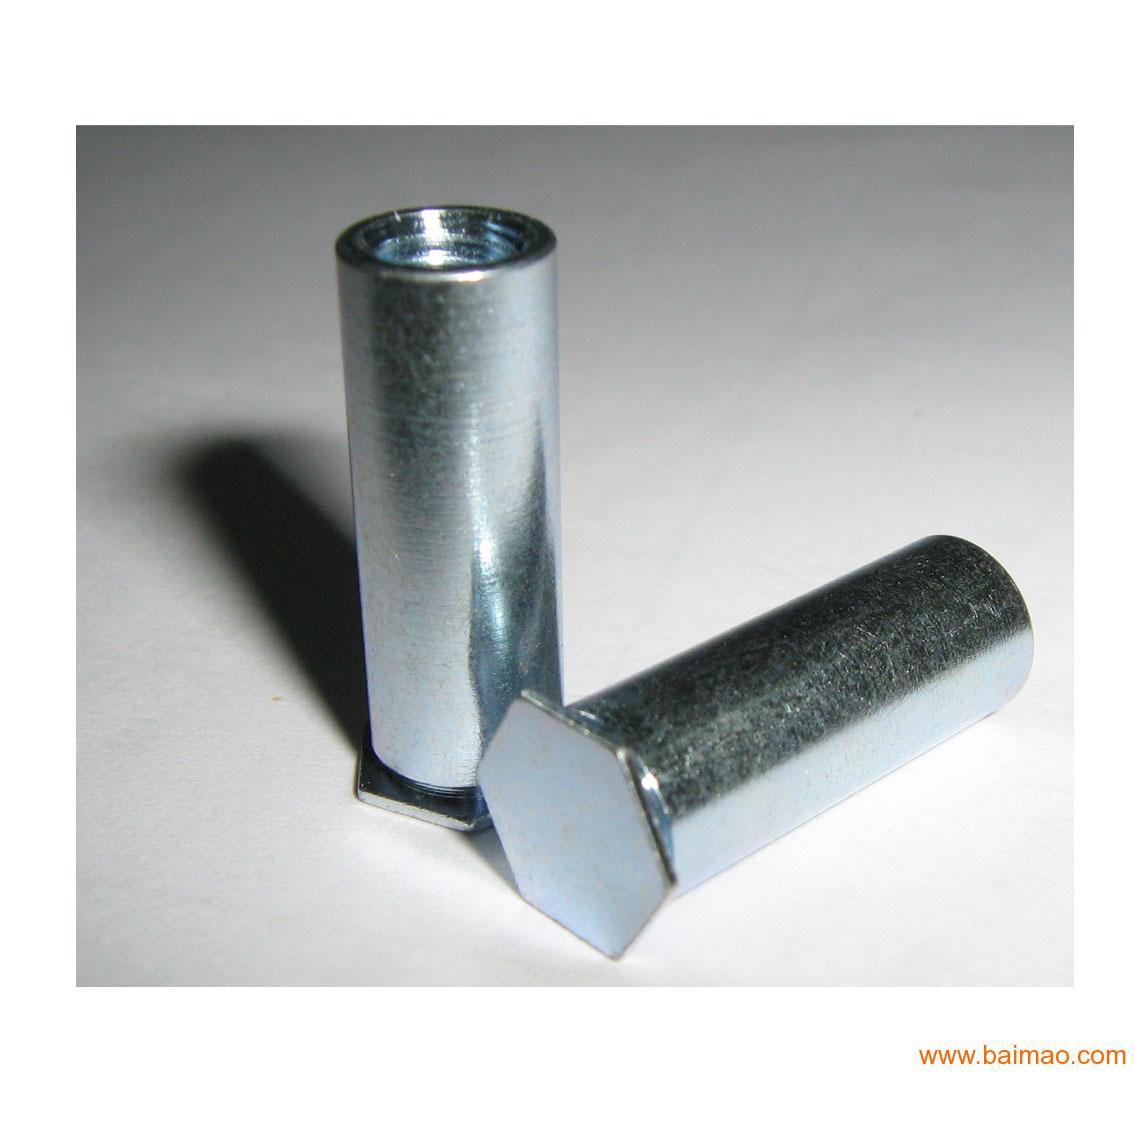 公制螺钉螺纹规格有:M2、M2.5、M3、M3.5、M4、M5、M6、M8、...